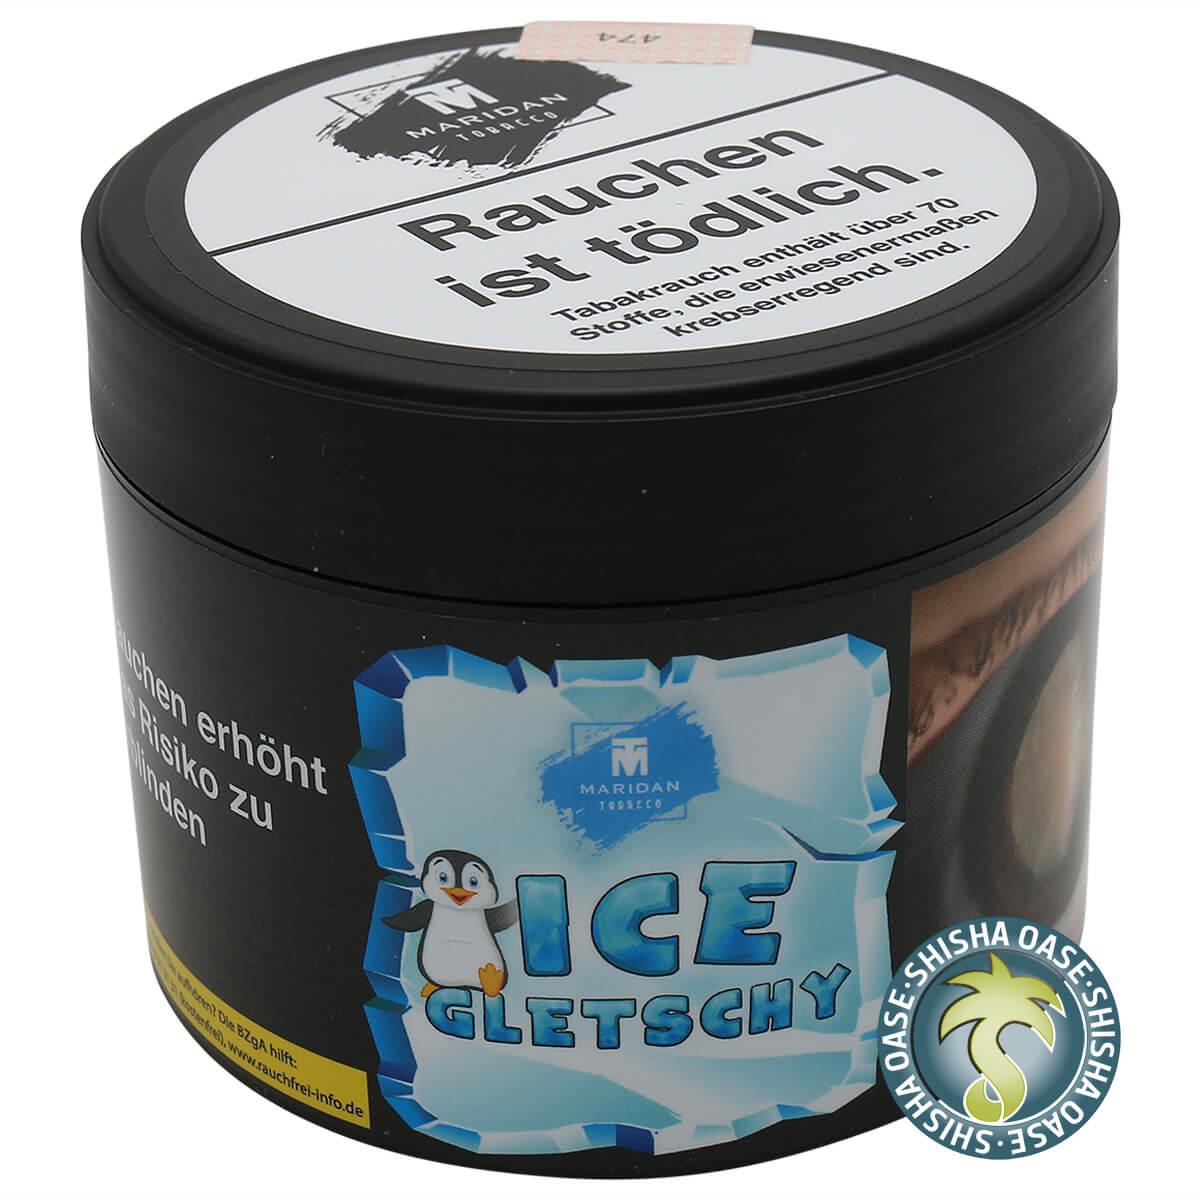 Maridan Tabak 200g Dose - Ice Gletschy